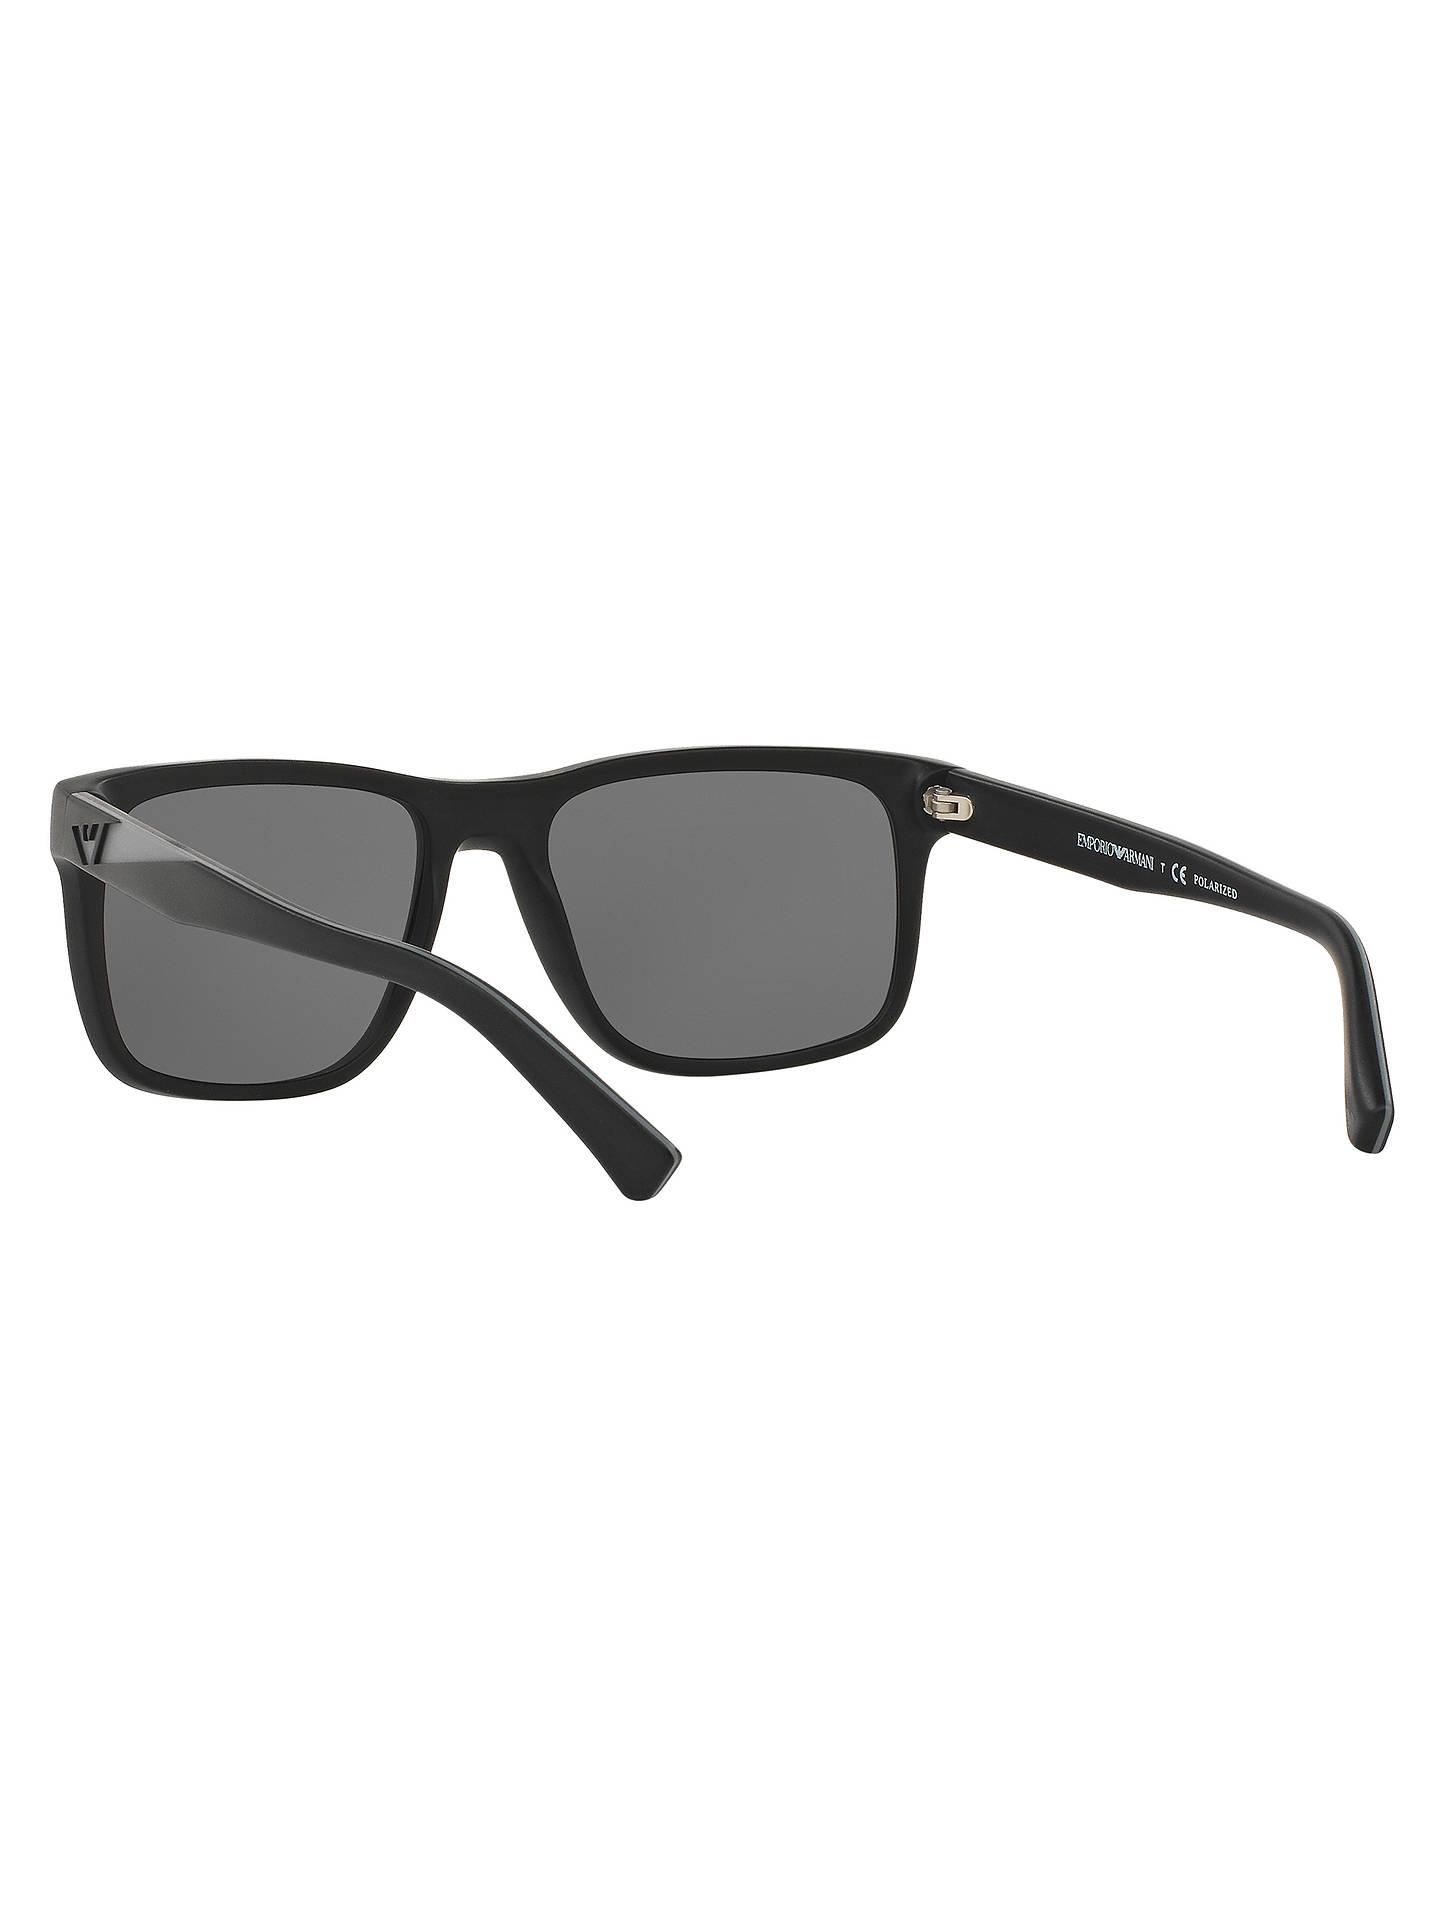 89e2d60270e7 ... Buy Emporio Armani EA4071 Polarised Square Sunglasses